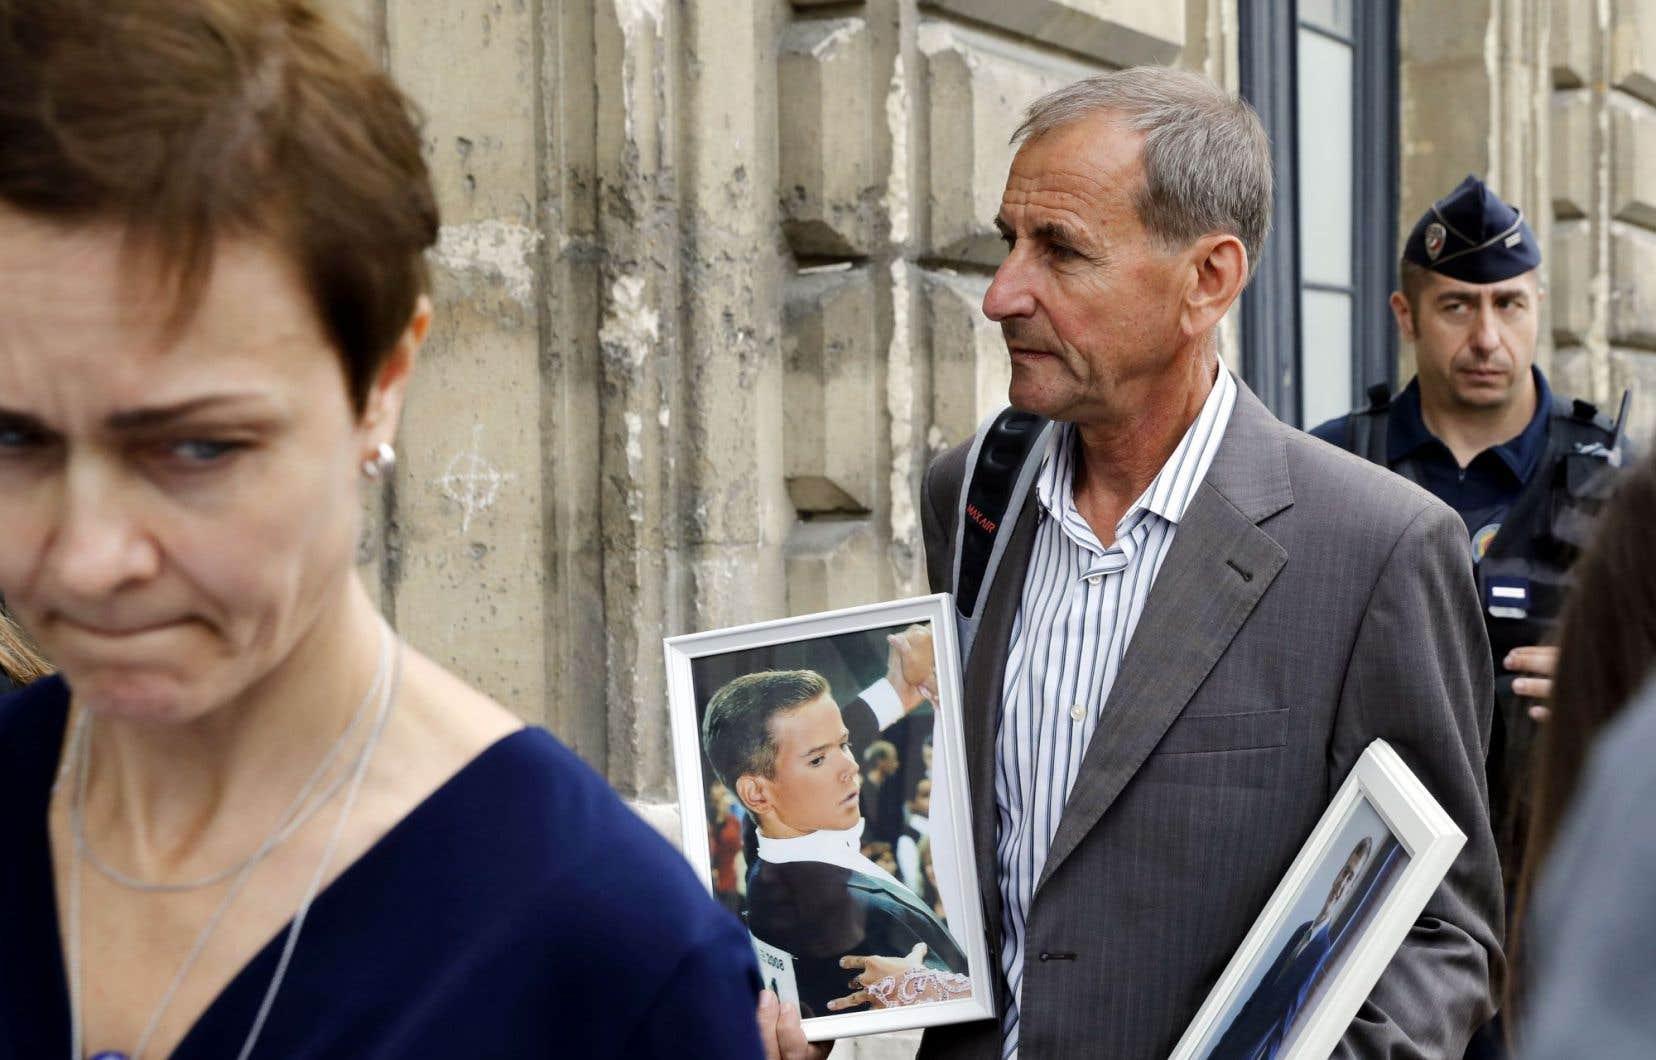 Alors que Nice se prépare à commémorer la mort de 86 personnes lors de l'attaque du 14juillet 2016, des parents et des proches de victimes se présentent à Paris à l'enquête sur les mesures de sécurité déployées ce jour-là sur la promenade des Anglais.